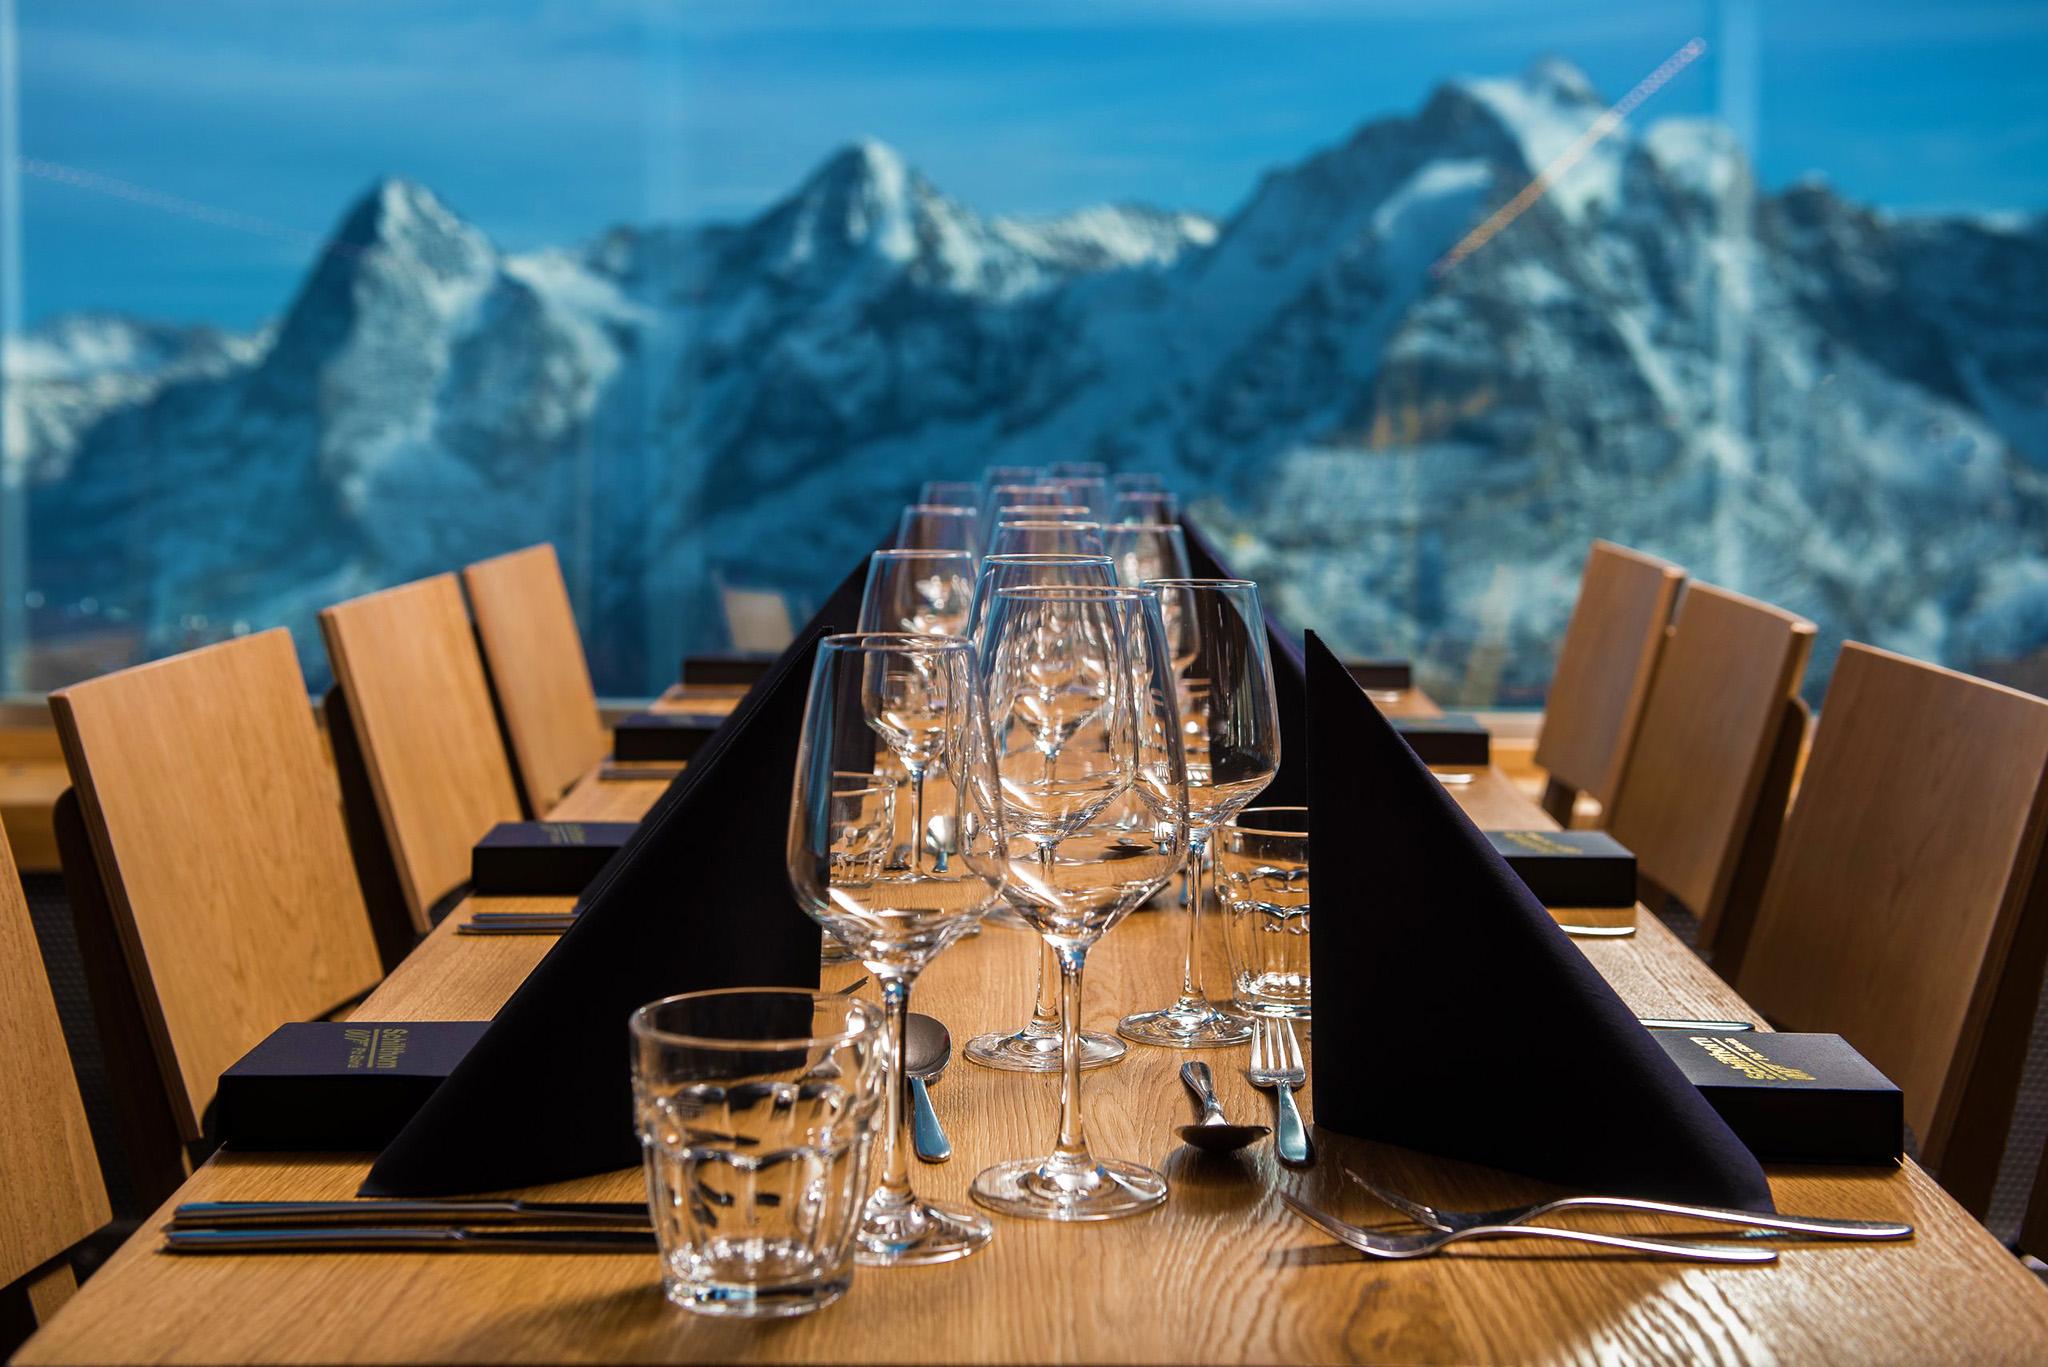 kt_2020_360_Keytours_excursions_Swisstours_interlaken_schilthorn10_2048_10